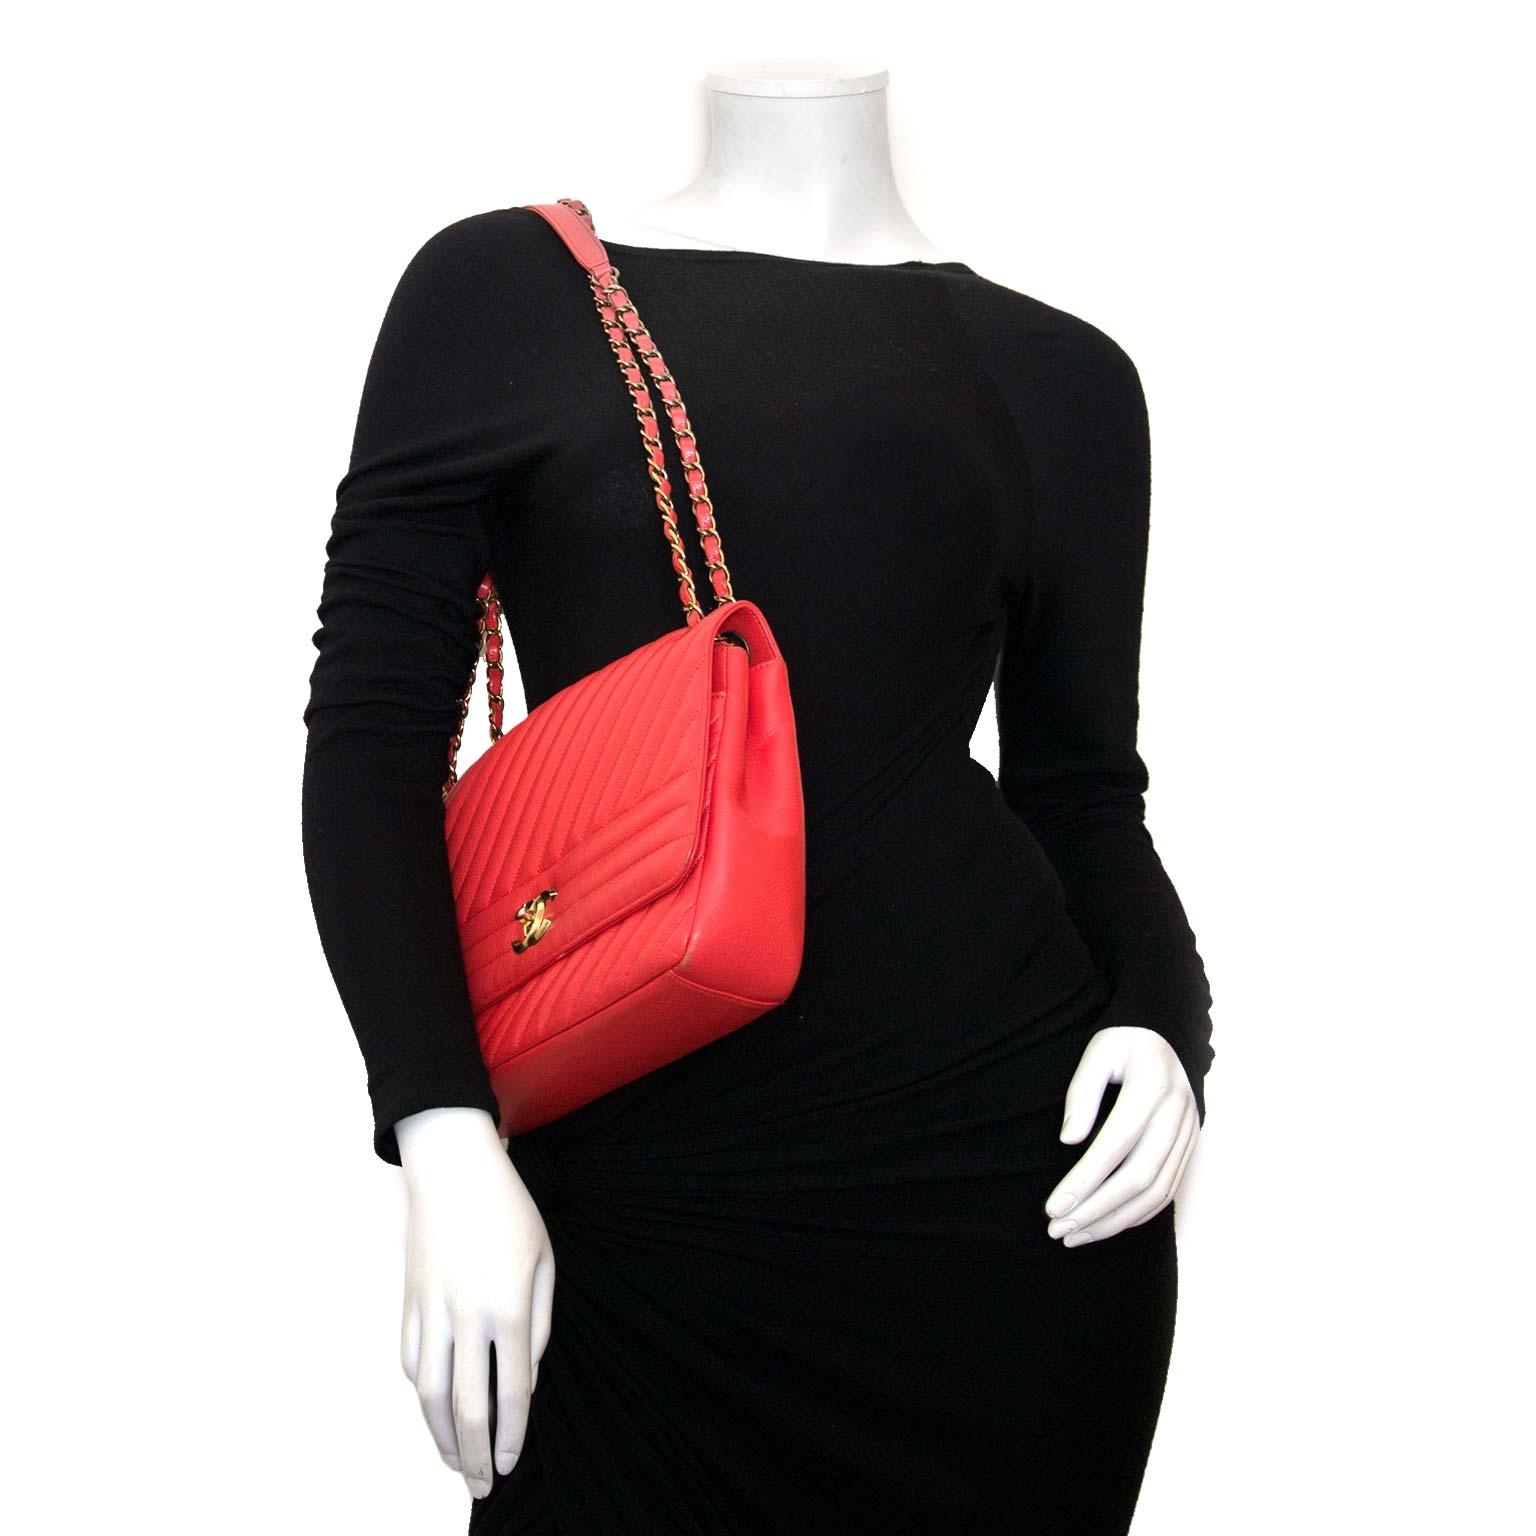 79266508a9f5bd ... koop authentieke chanel rode goatskin flap bag bij labellov vintage  mode webshop